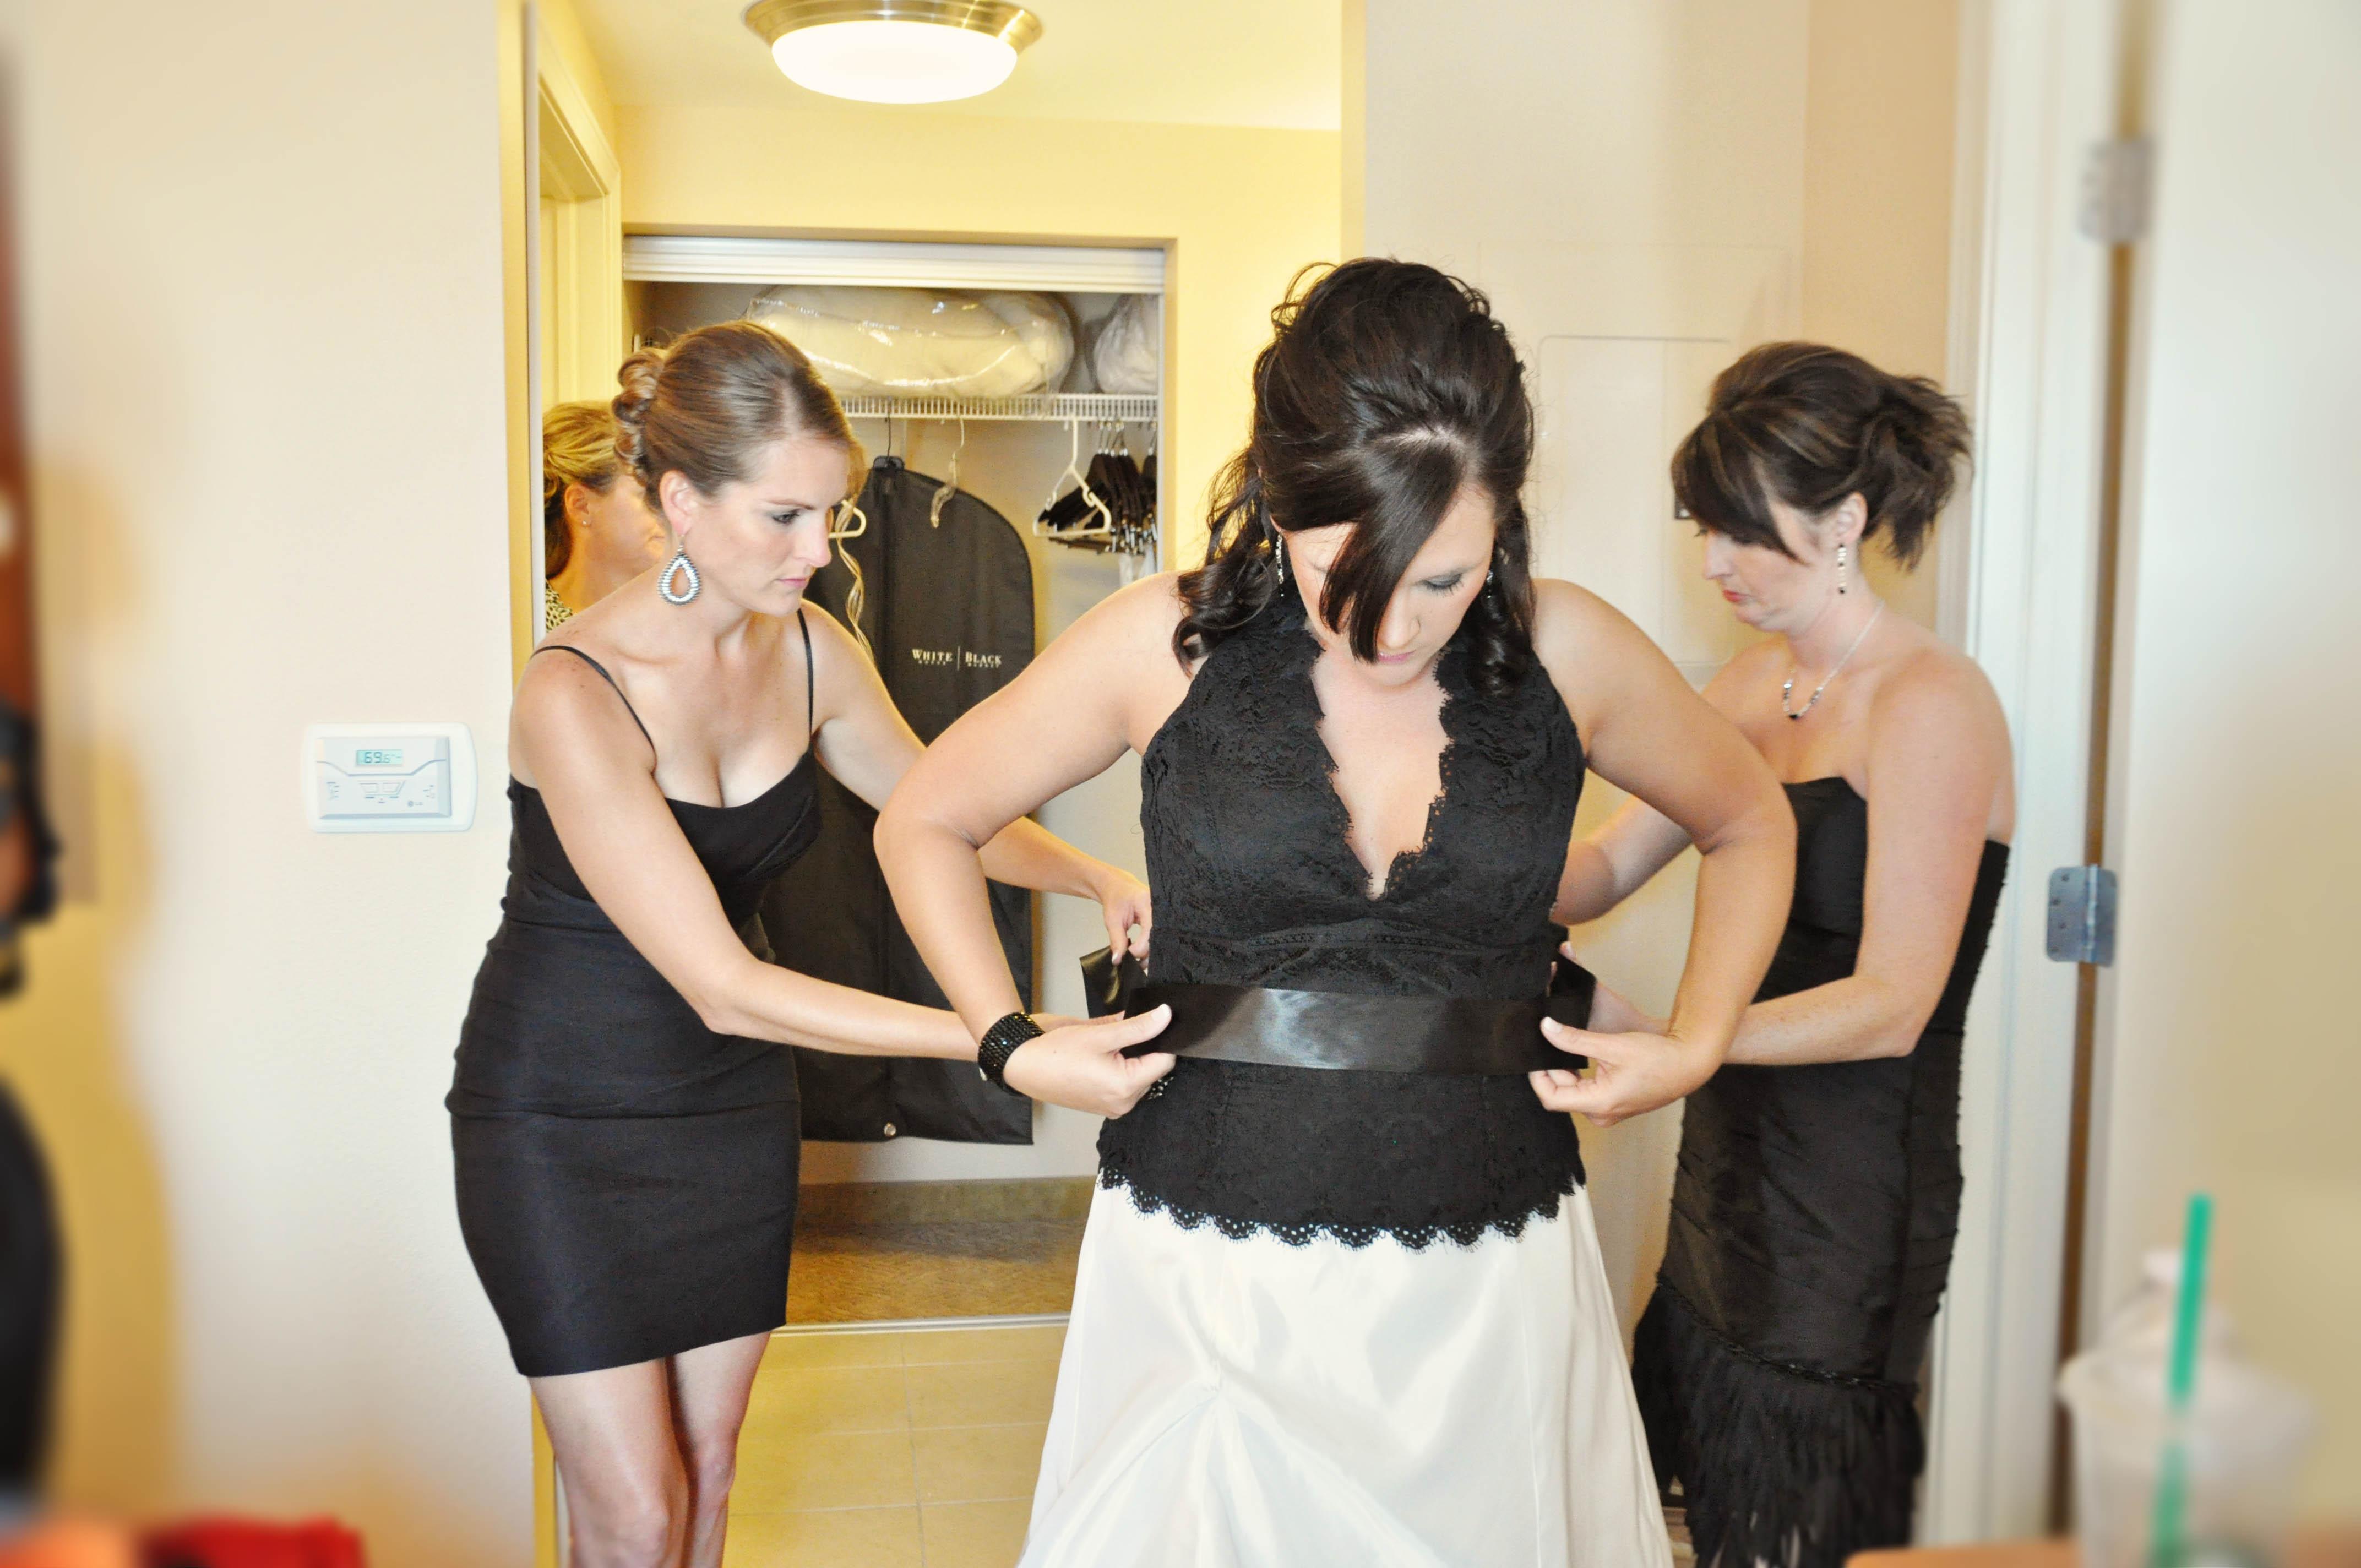 our harley davidson wedding part 1 harley davidson wedding bands Image